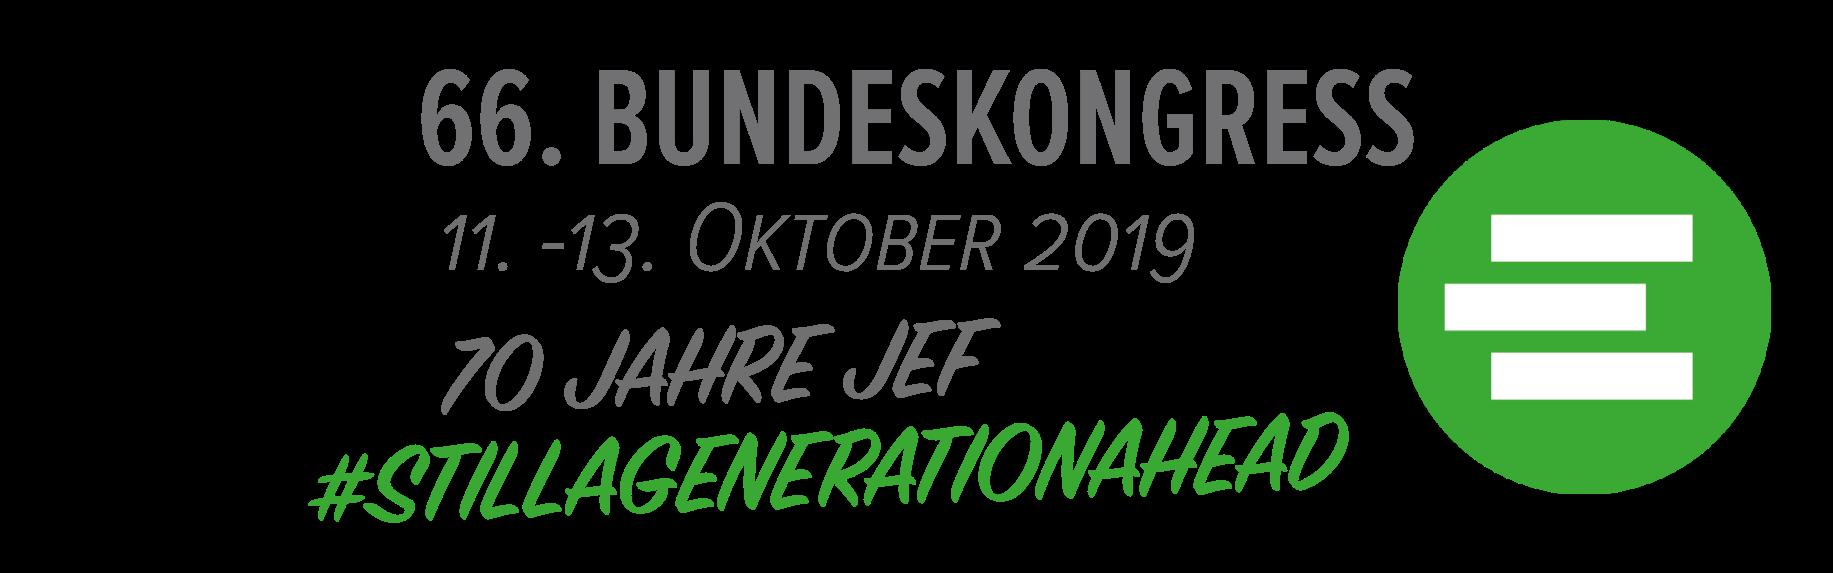 """""""Still a Generation Ahead!"""" – JEF feiert 70-jähriges Jubiläum"""